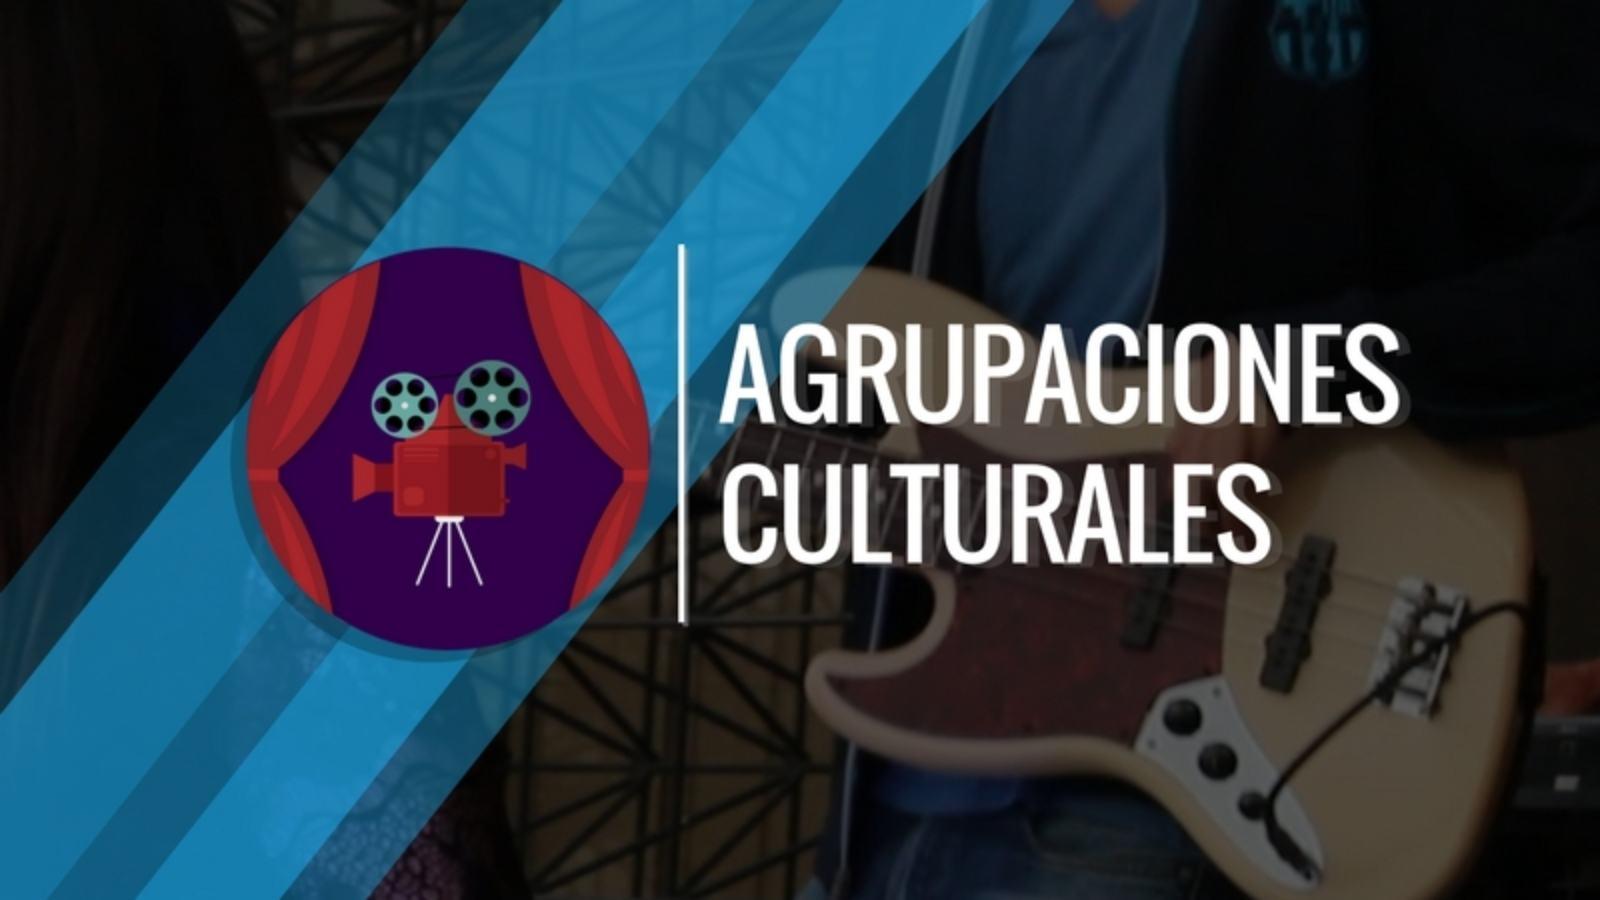 agrupaciones culturales